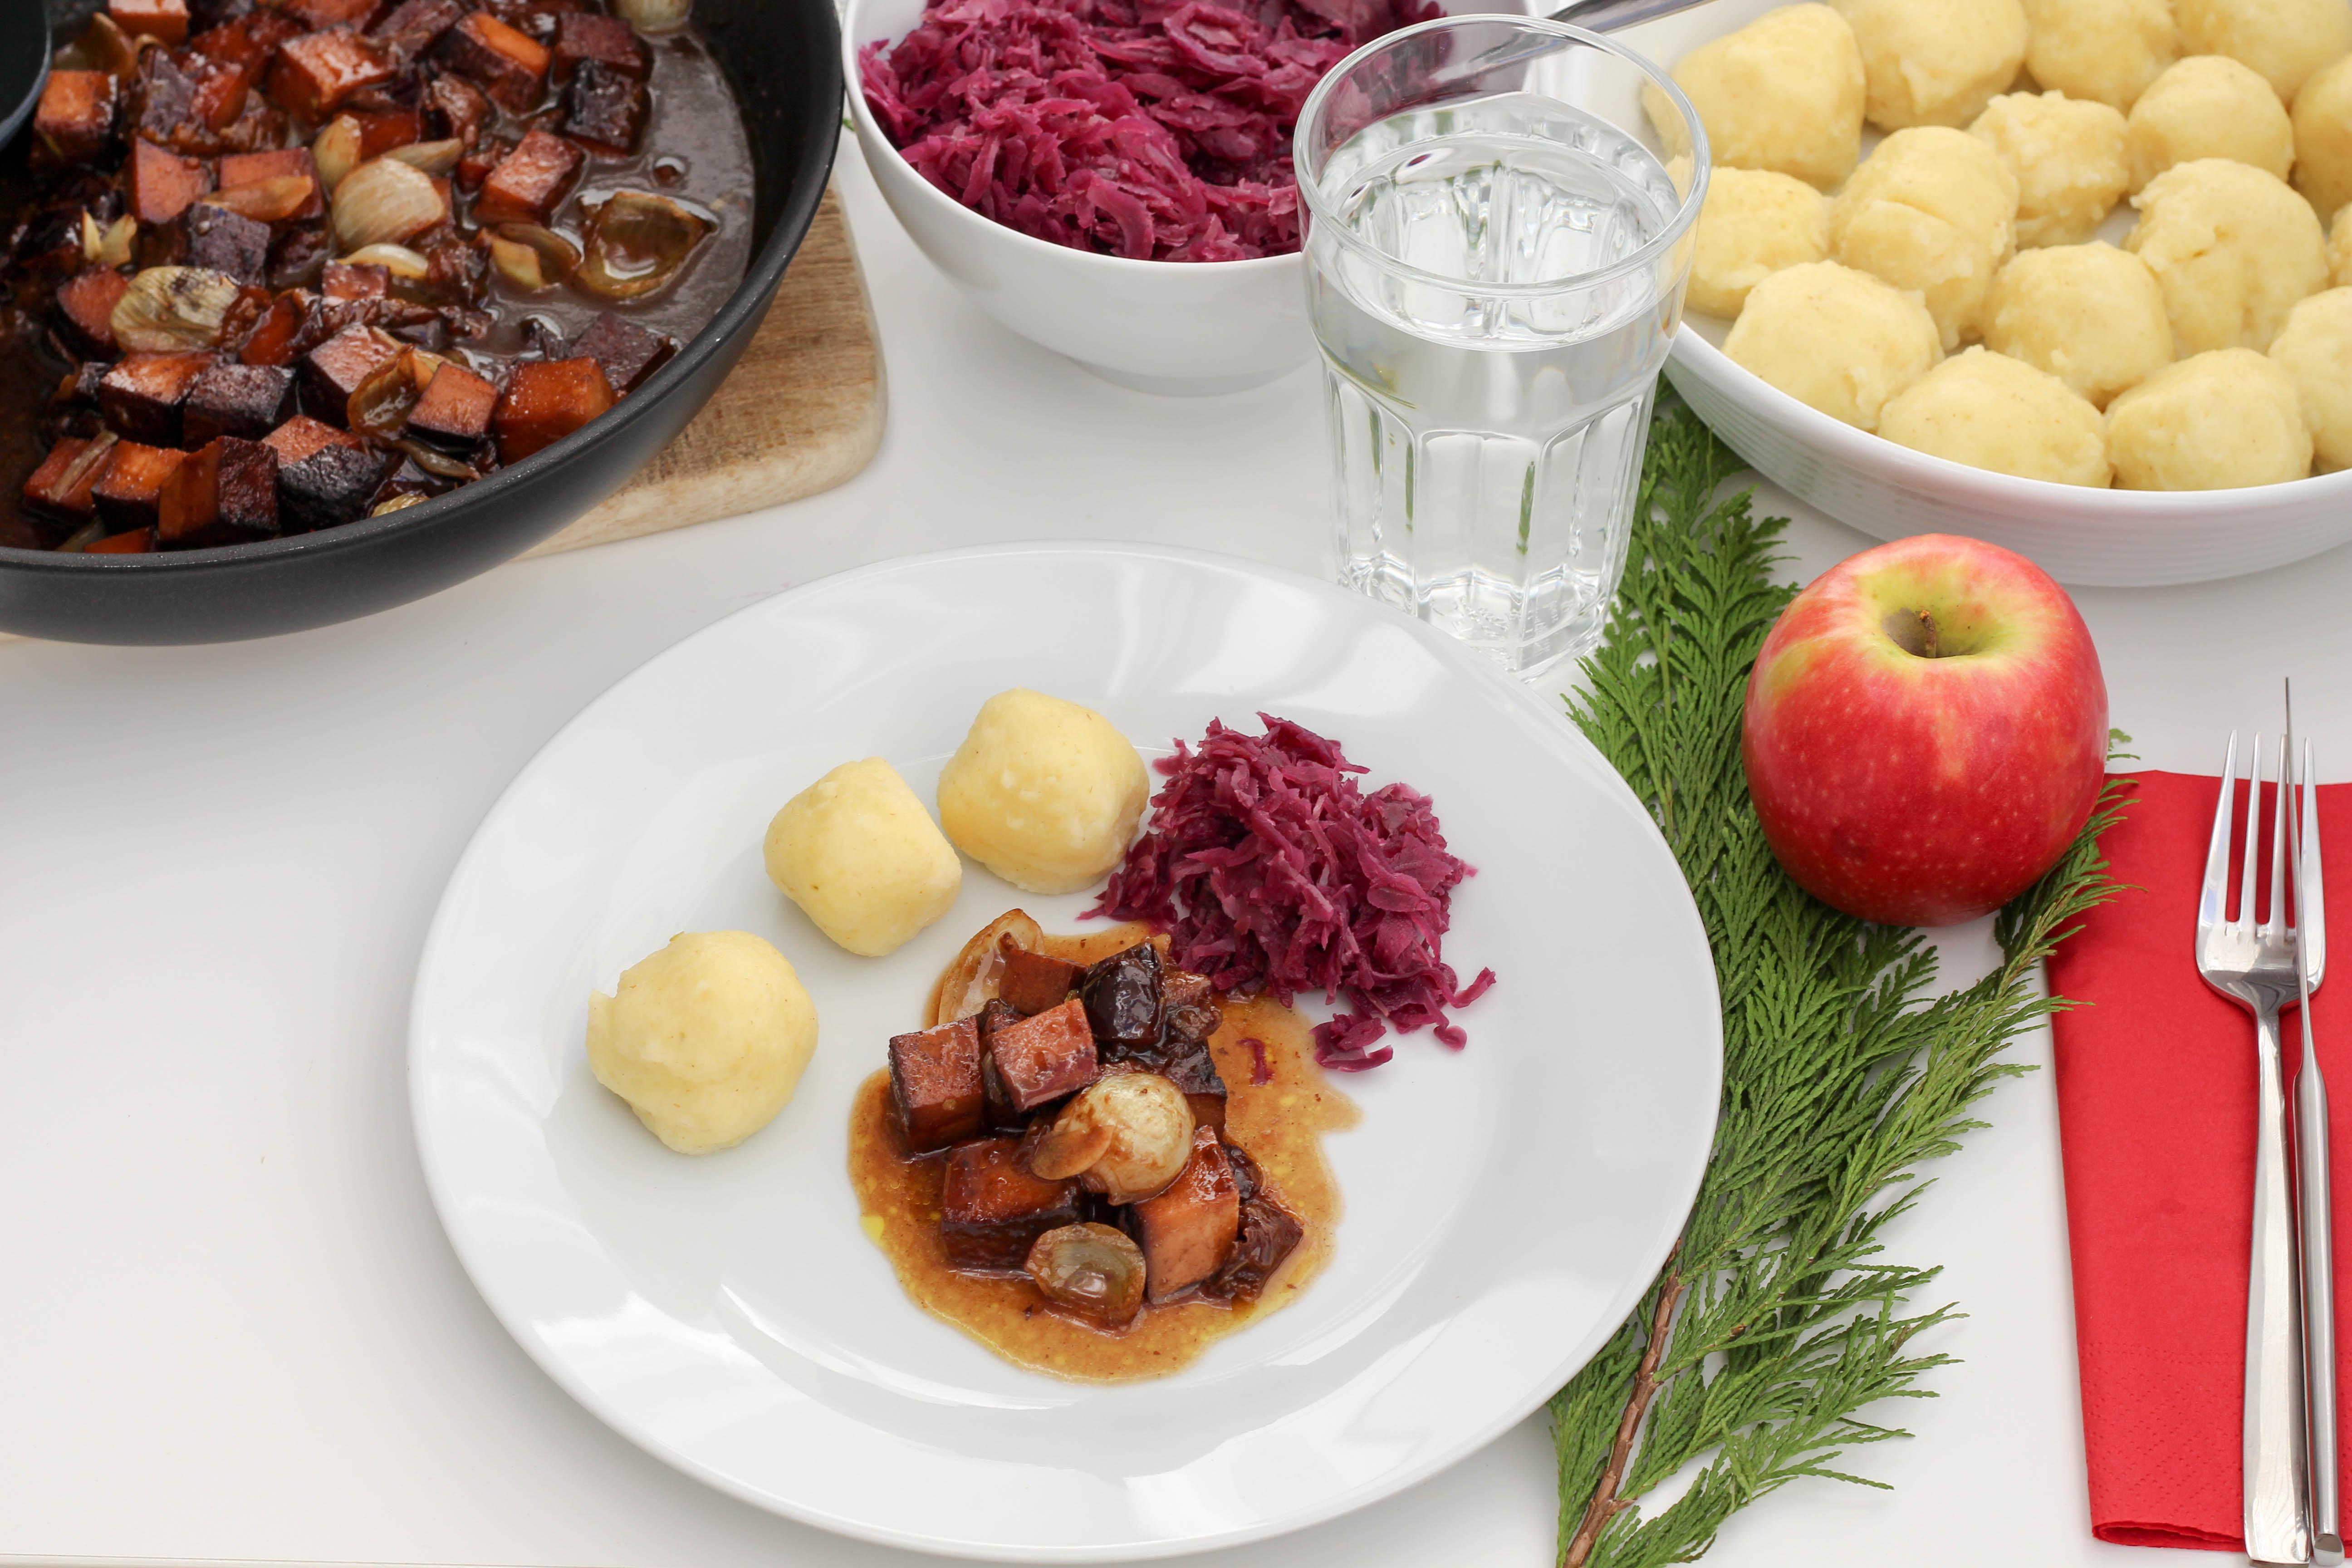 vegan-toforagout-pflaumen-weihnachten-advent-kartoffelknoedel-rotkraut-soulfood-homespa-plantbased-1-von-1-4